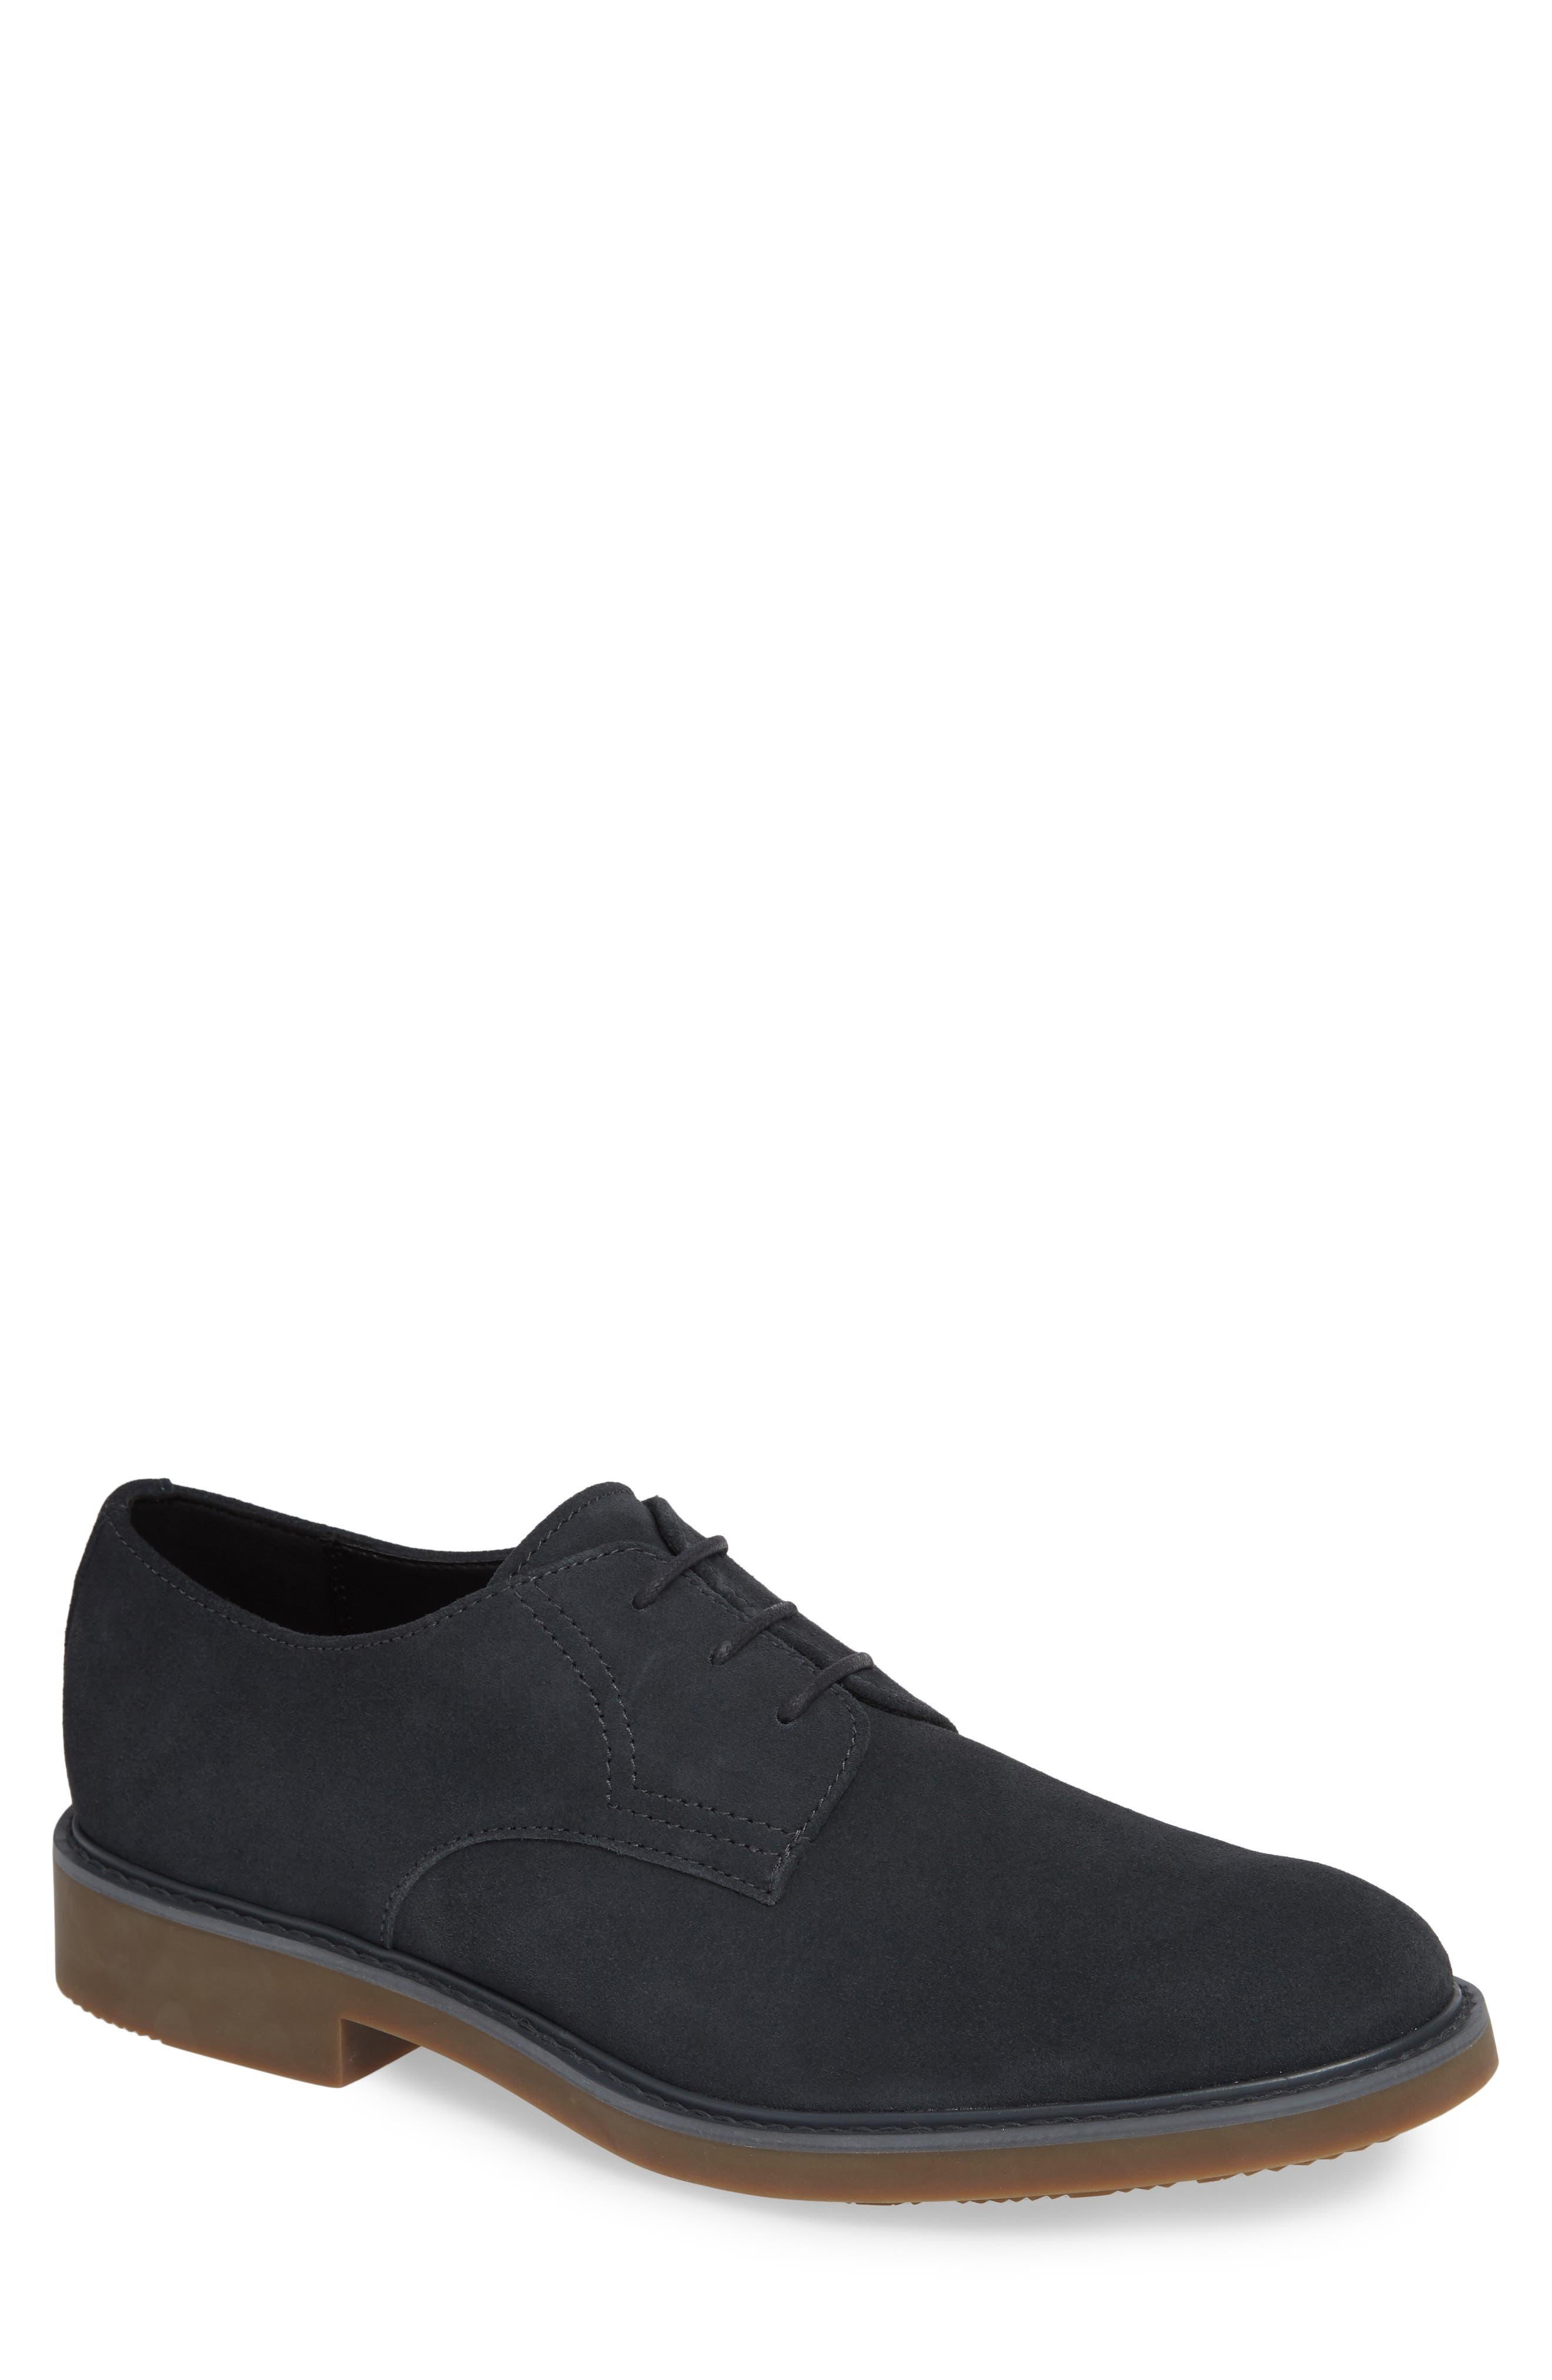 Varick Plain Toe Derby,                         Main,                         color, STEEL GREYSTONE CALF SUEDE